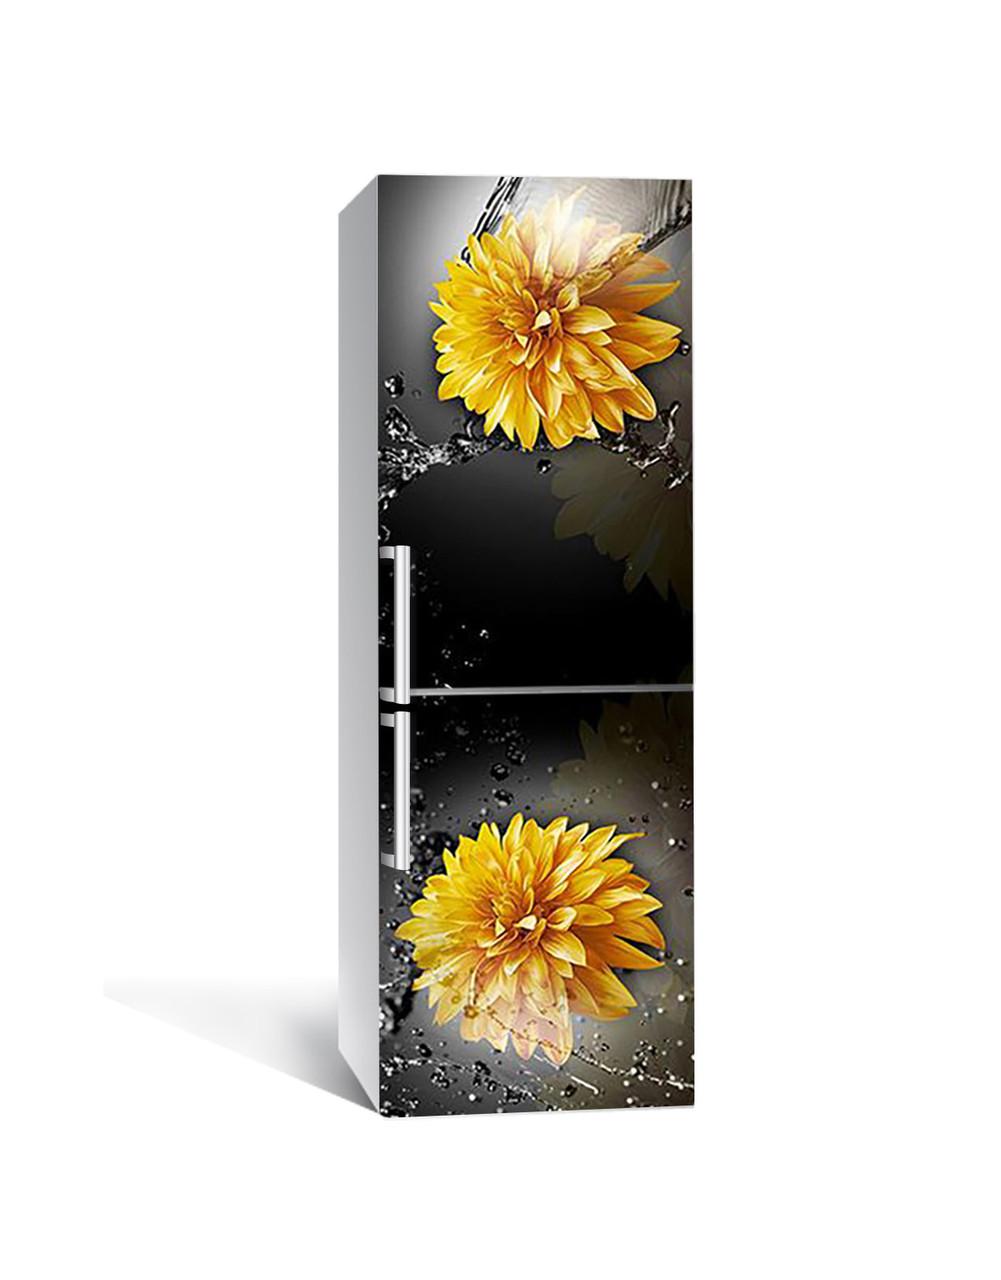 Виниловая 3Д наклейка на холодильник Желтые Хризантемы (самоклеющаяся пленка ПВХ) брызги воды Цветы Черный 650*2000 мм